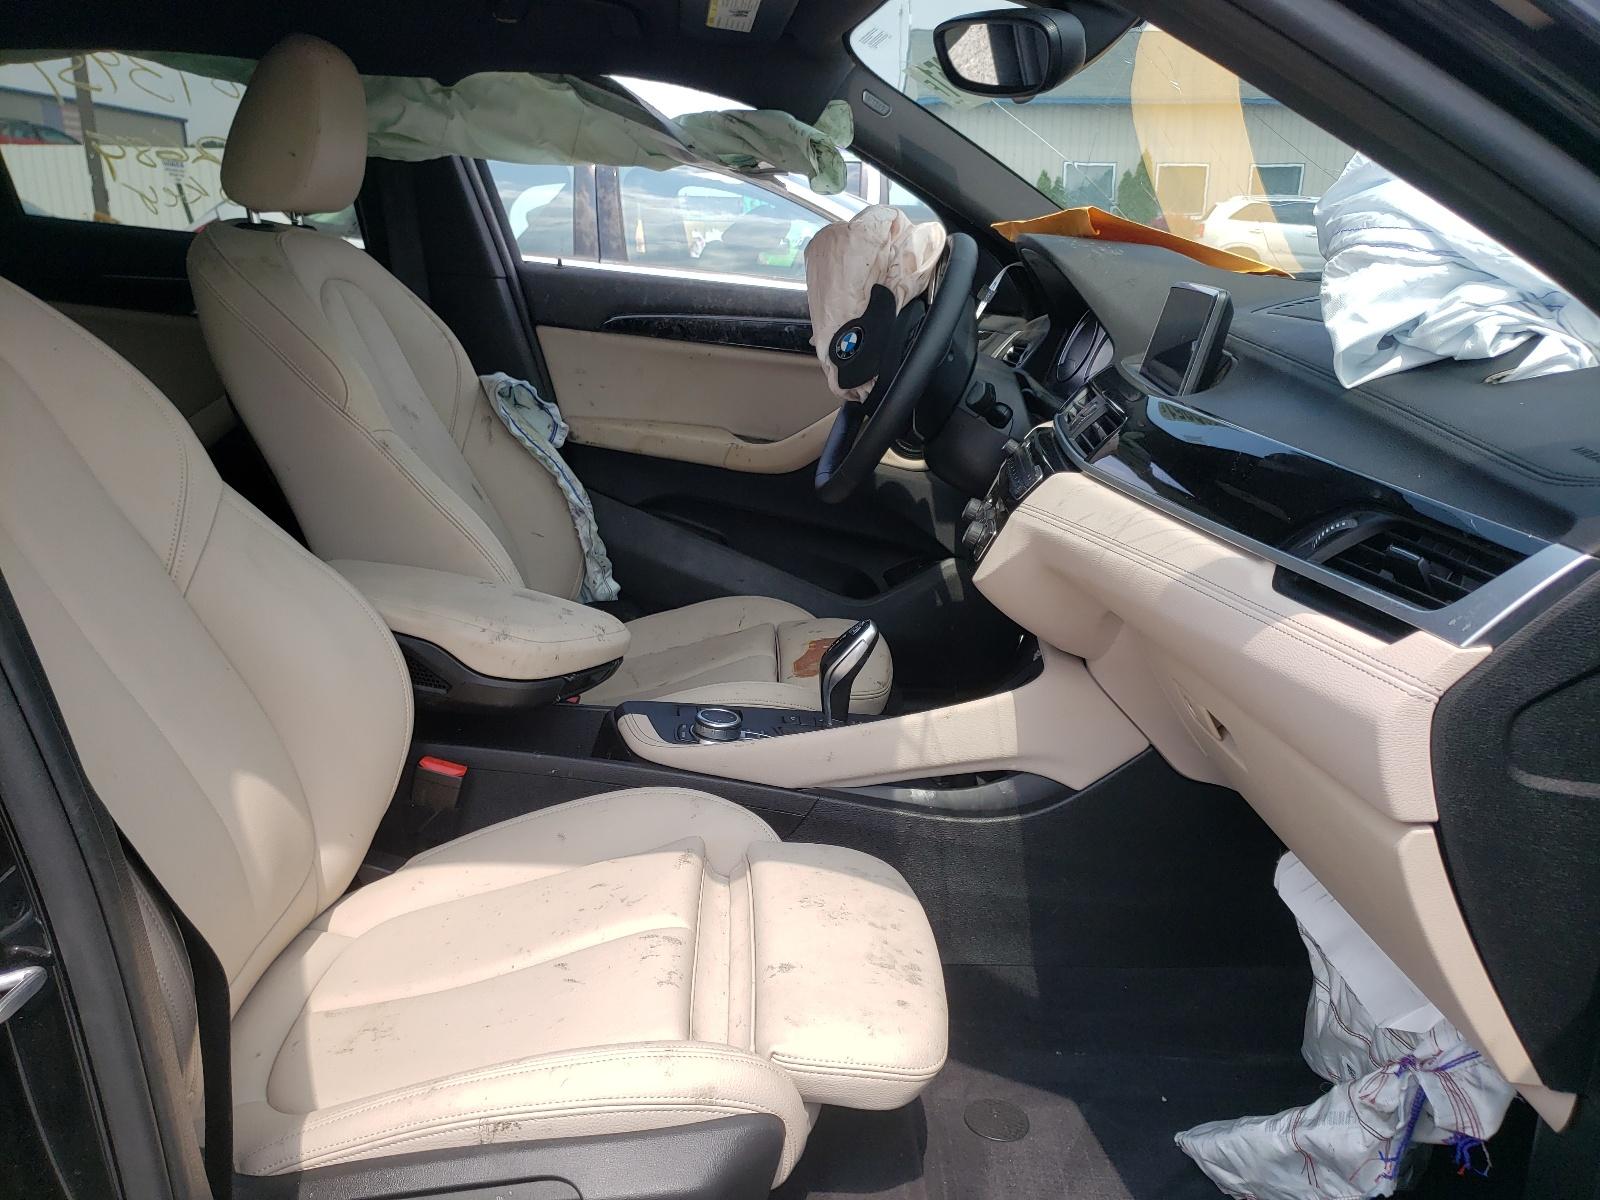 BMW X2 XDRIVE2 2020 VIN WBXYJ1C07L5R58502